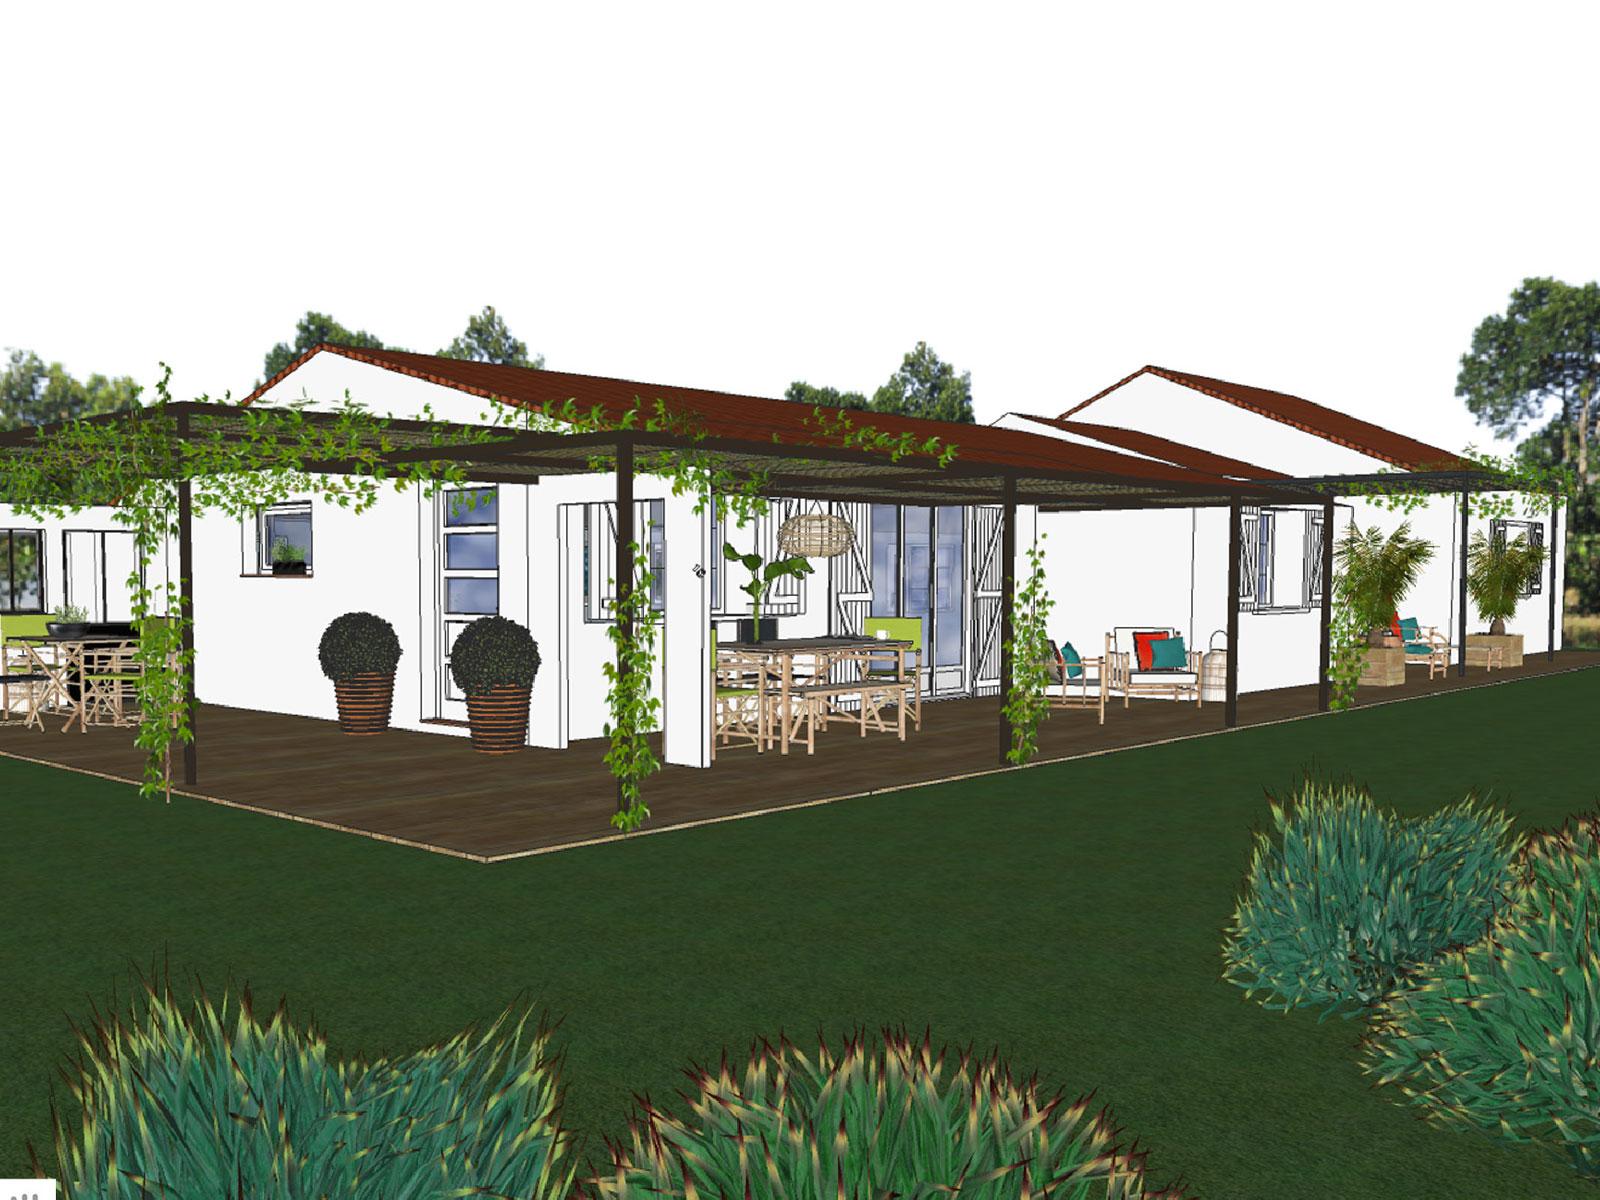 conception d'une extension à toit plat & aménagements extérieurs à Aix-en-Provence